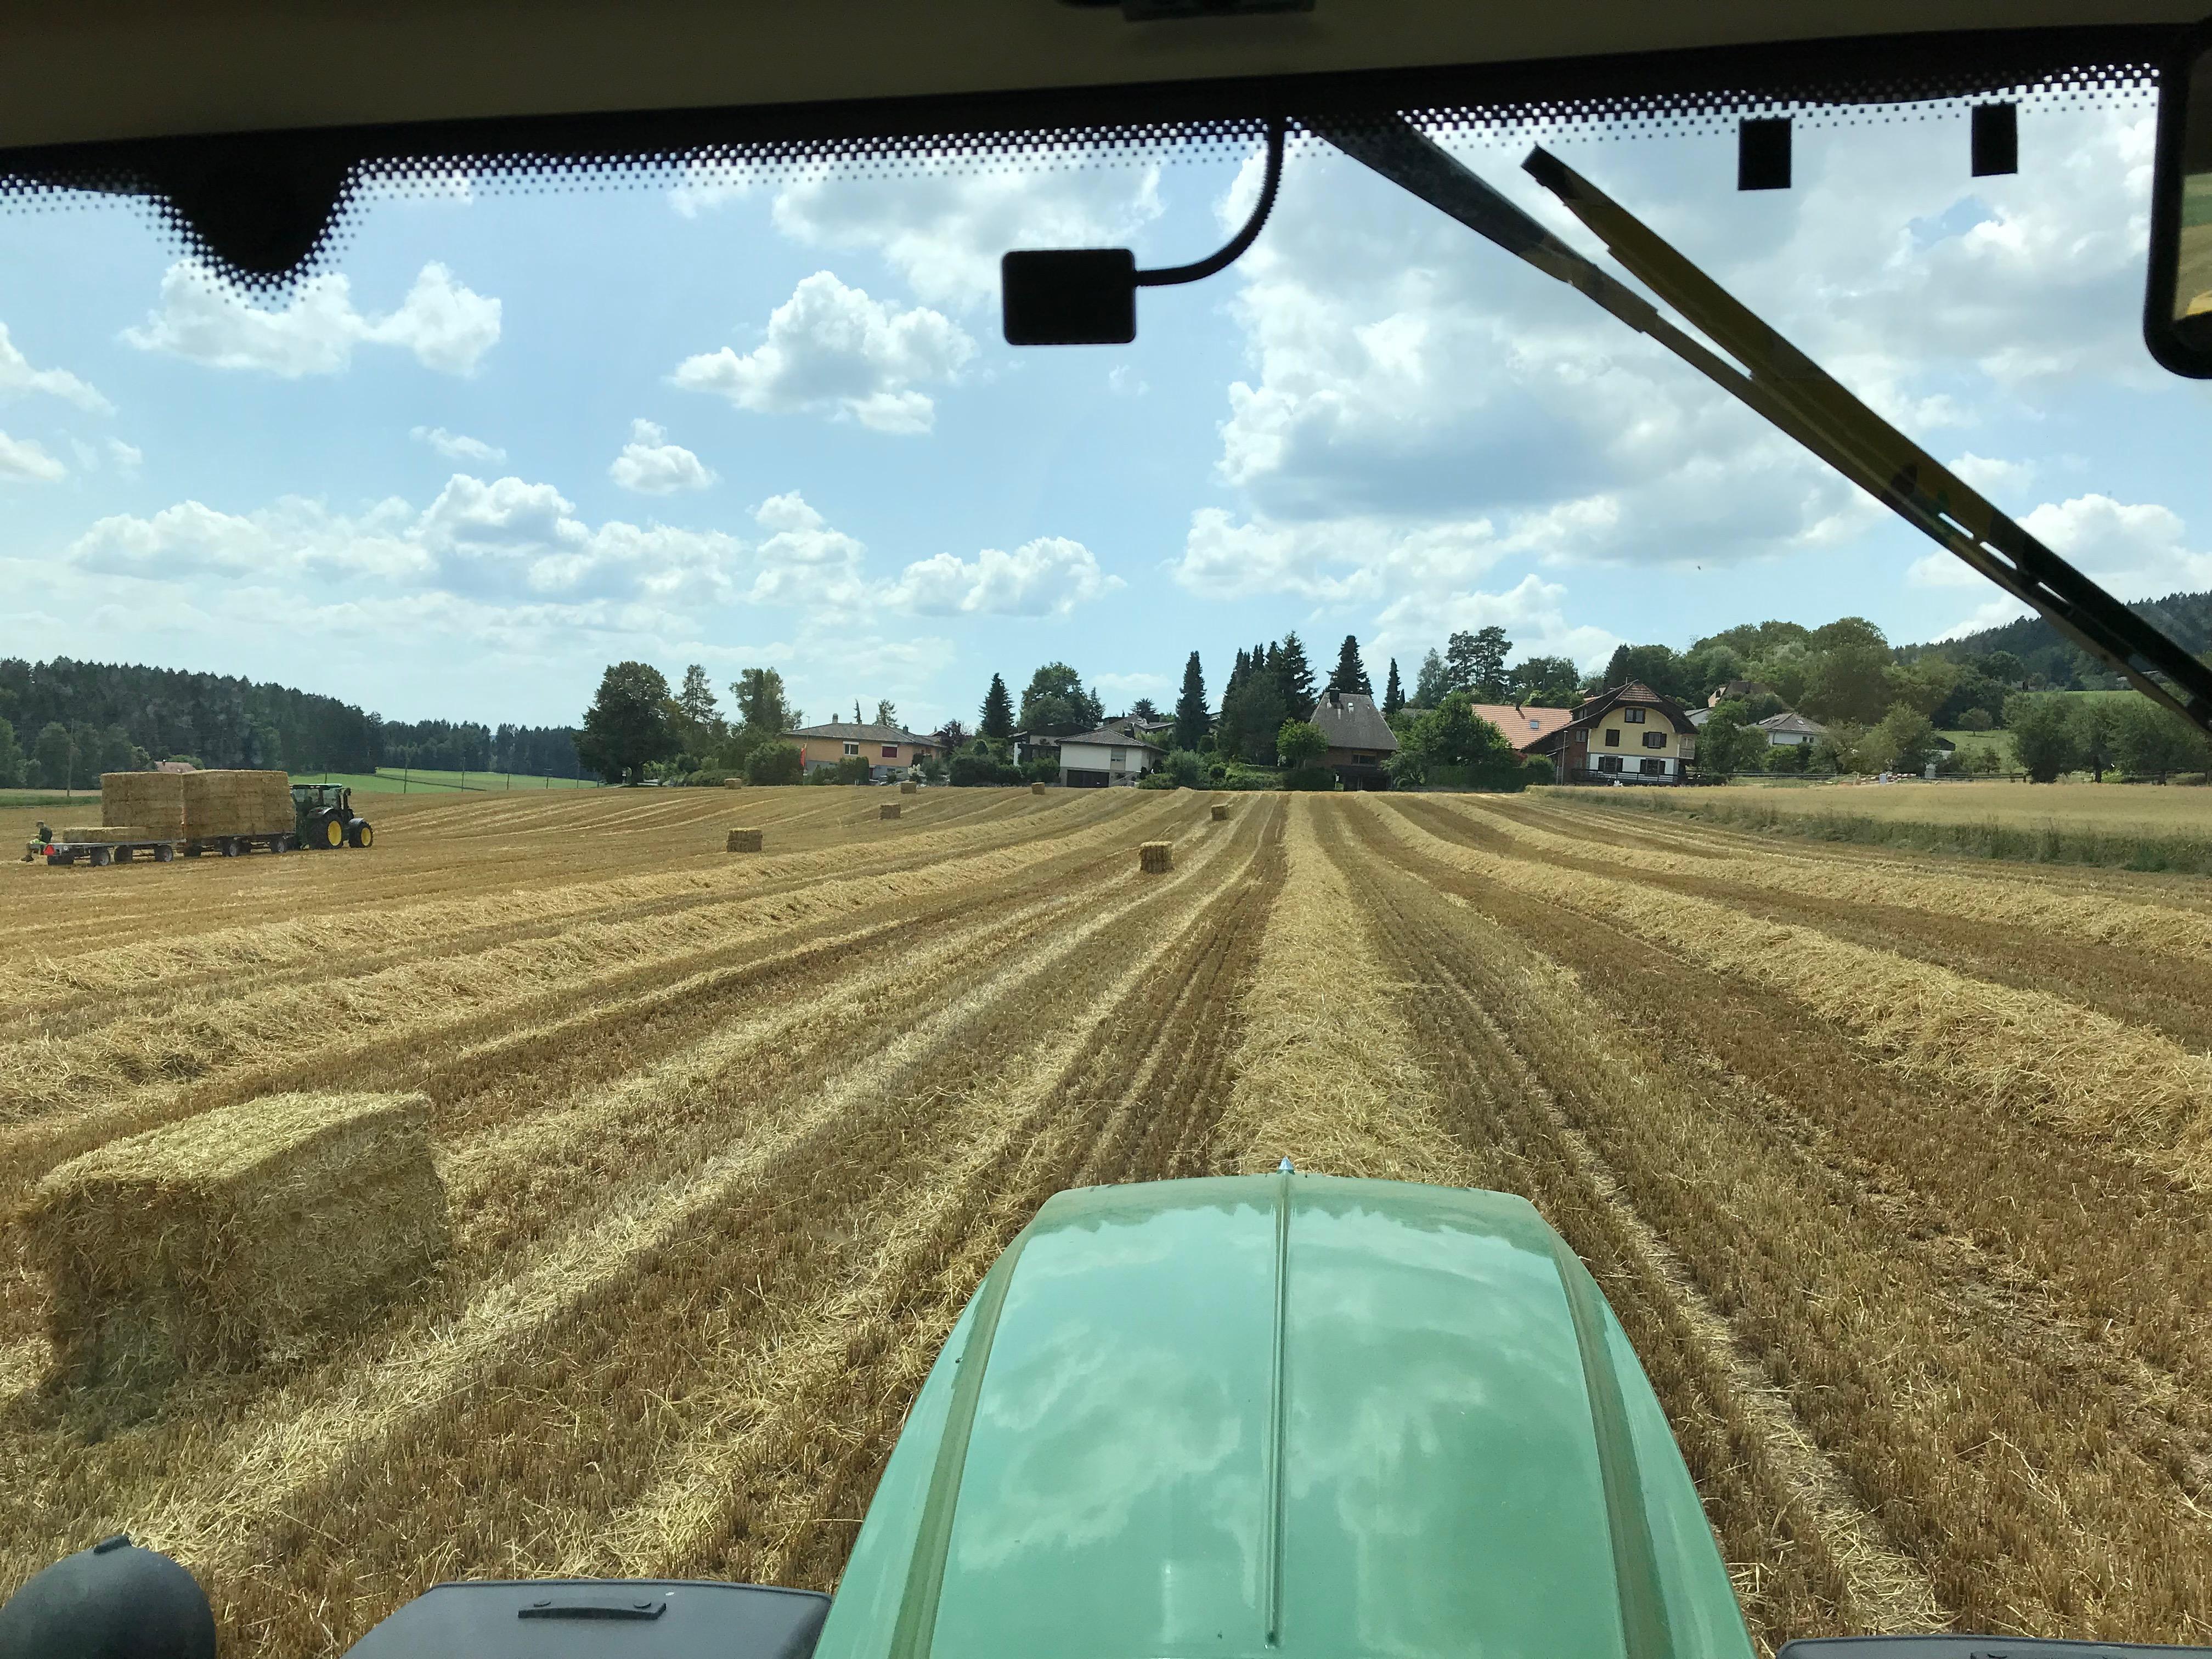 Fabelhaft Agrar-Team Meikirch Schweiz - Aktuelles vom Agrar-Team &WR_79